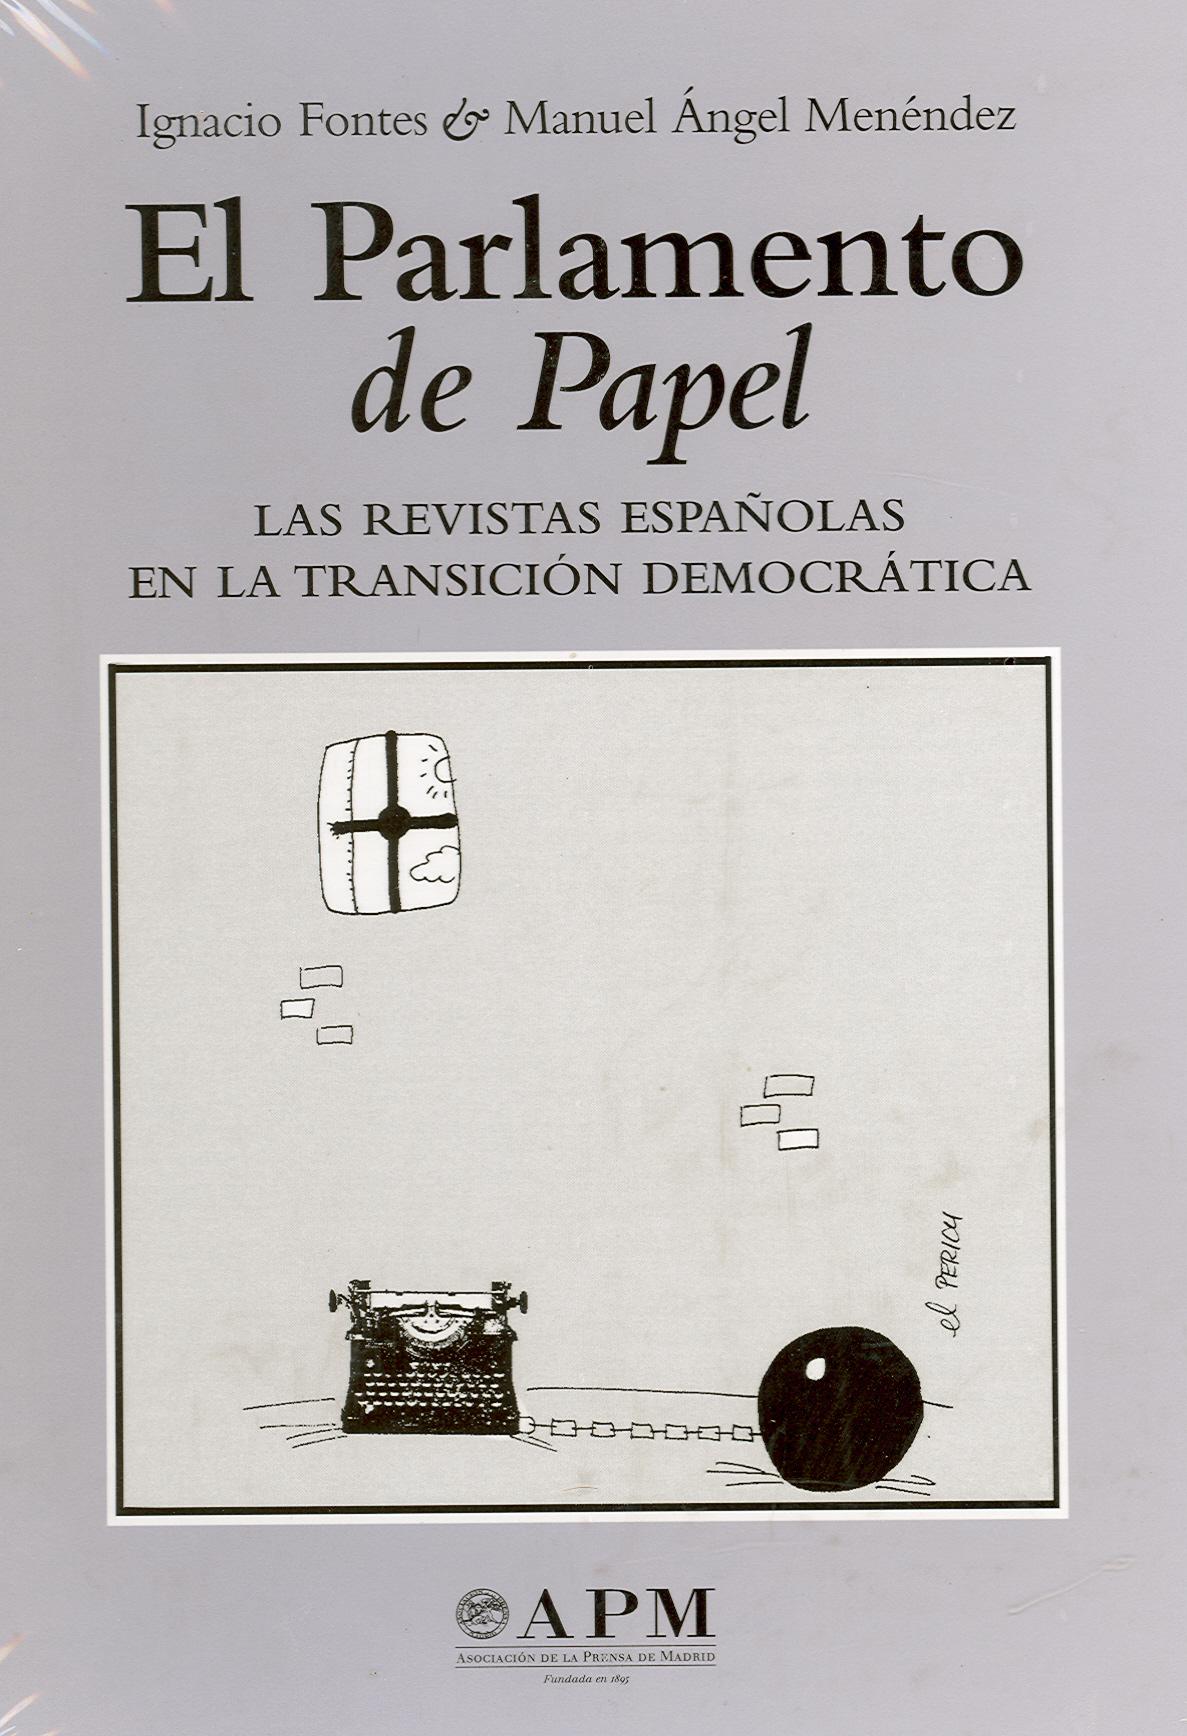 EL PARLAMENTO DE PAPEL. LAS REVISTAS ESPAÑOLAS EN LA TRANSICIÓN DEMOCRÁTICA